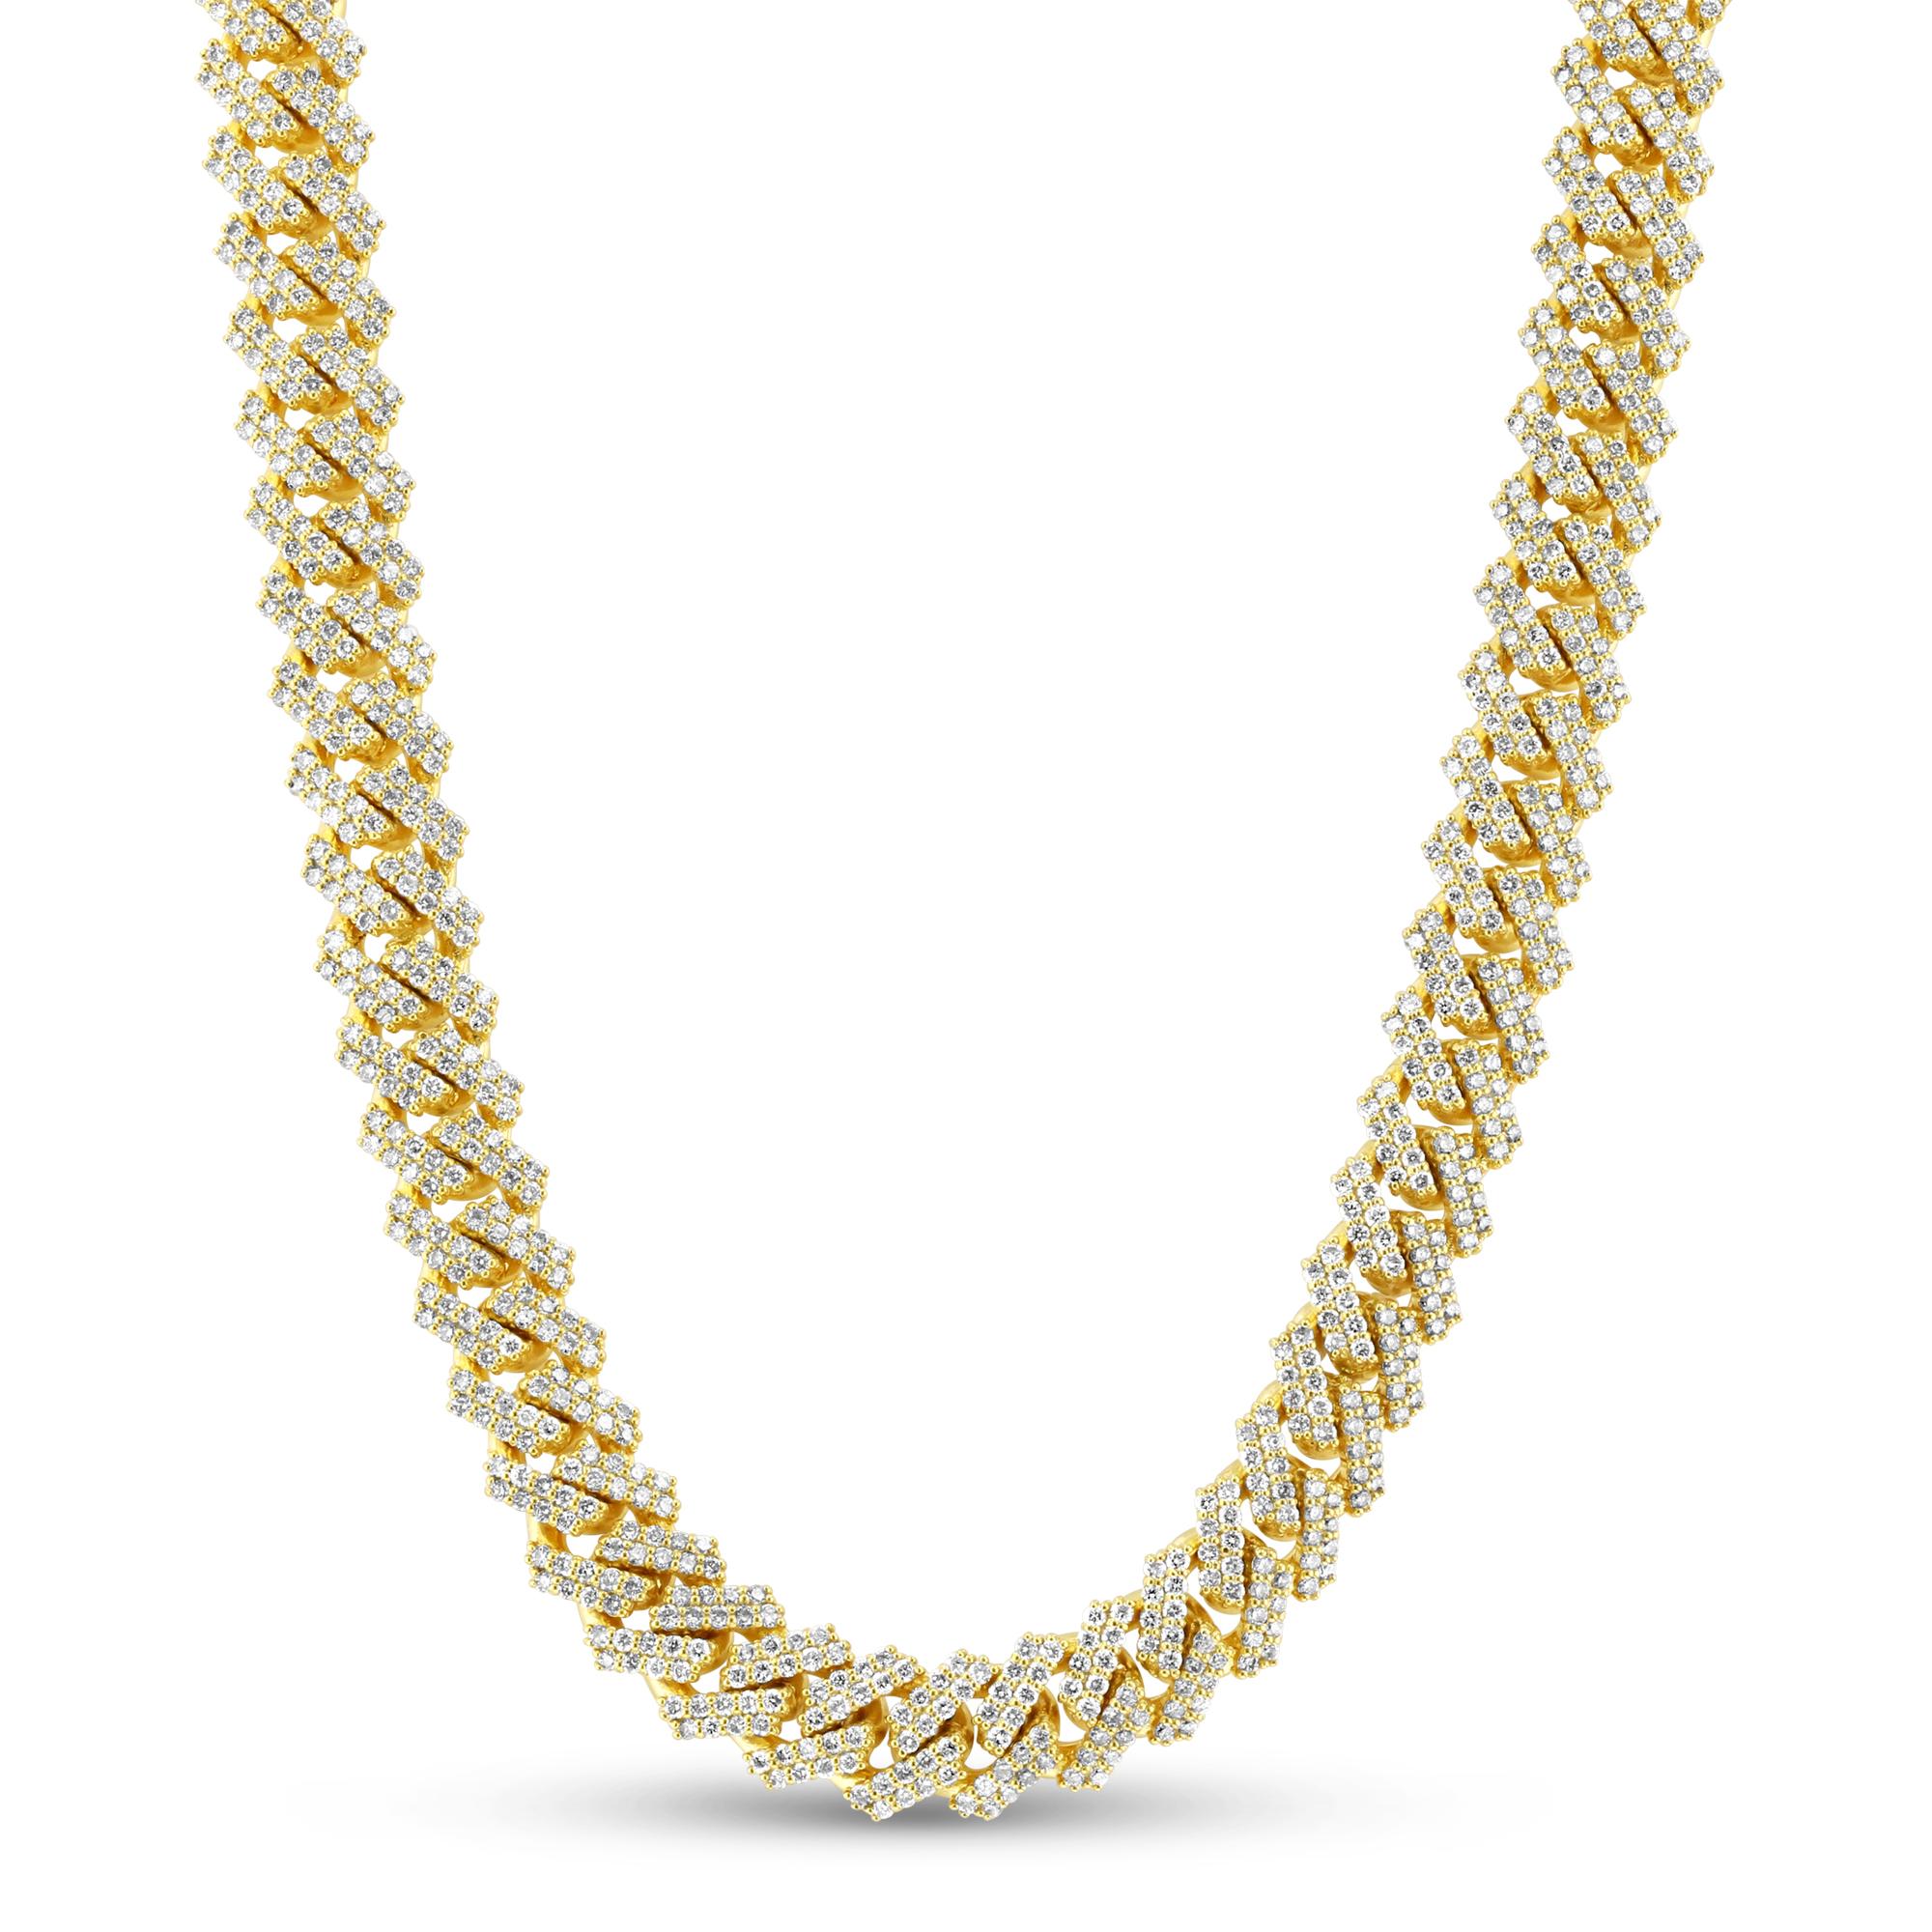 View 18.95ctw Diamond Men's Cuban Chain Necklace